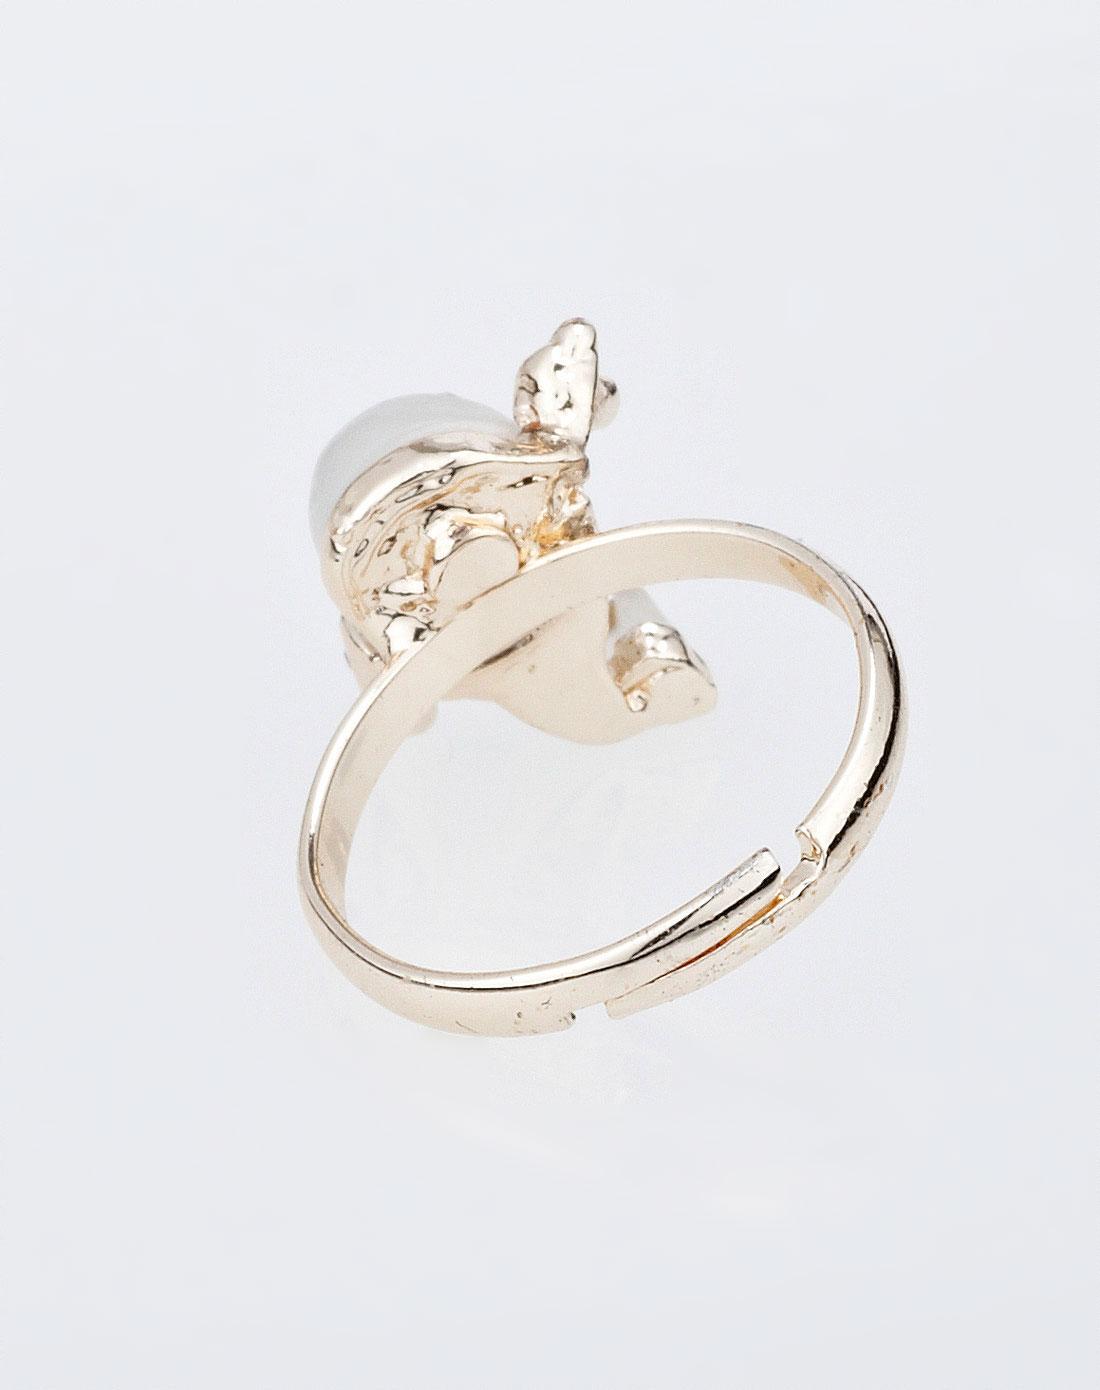 cling cling饰品专场可爱海豚戒指